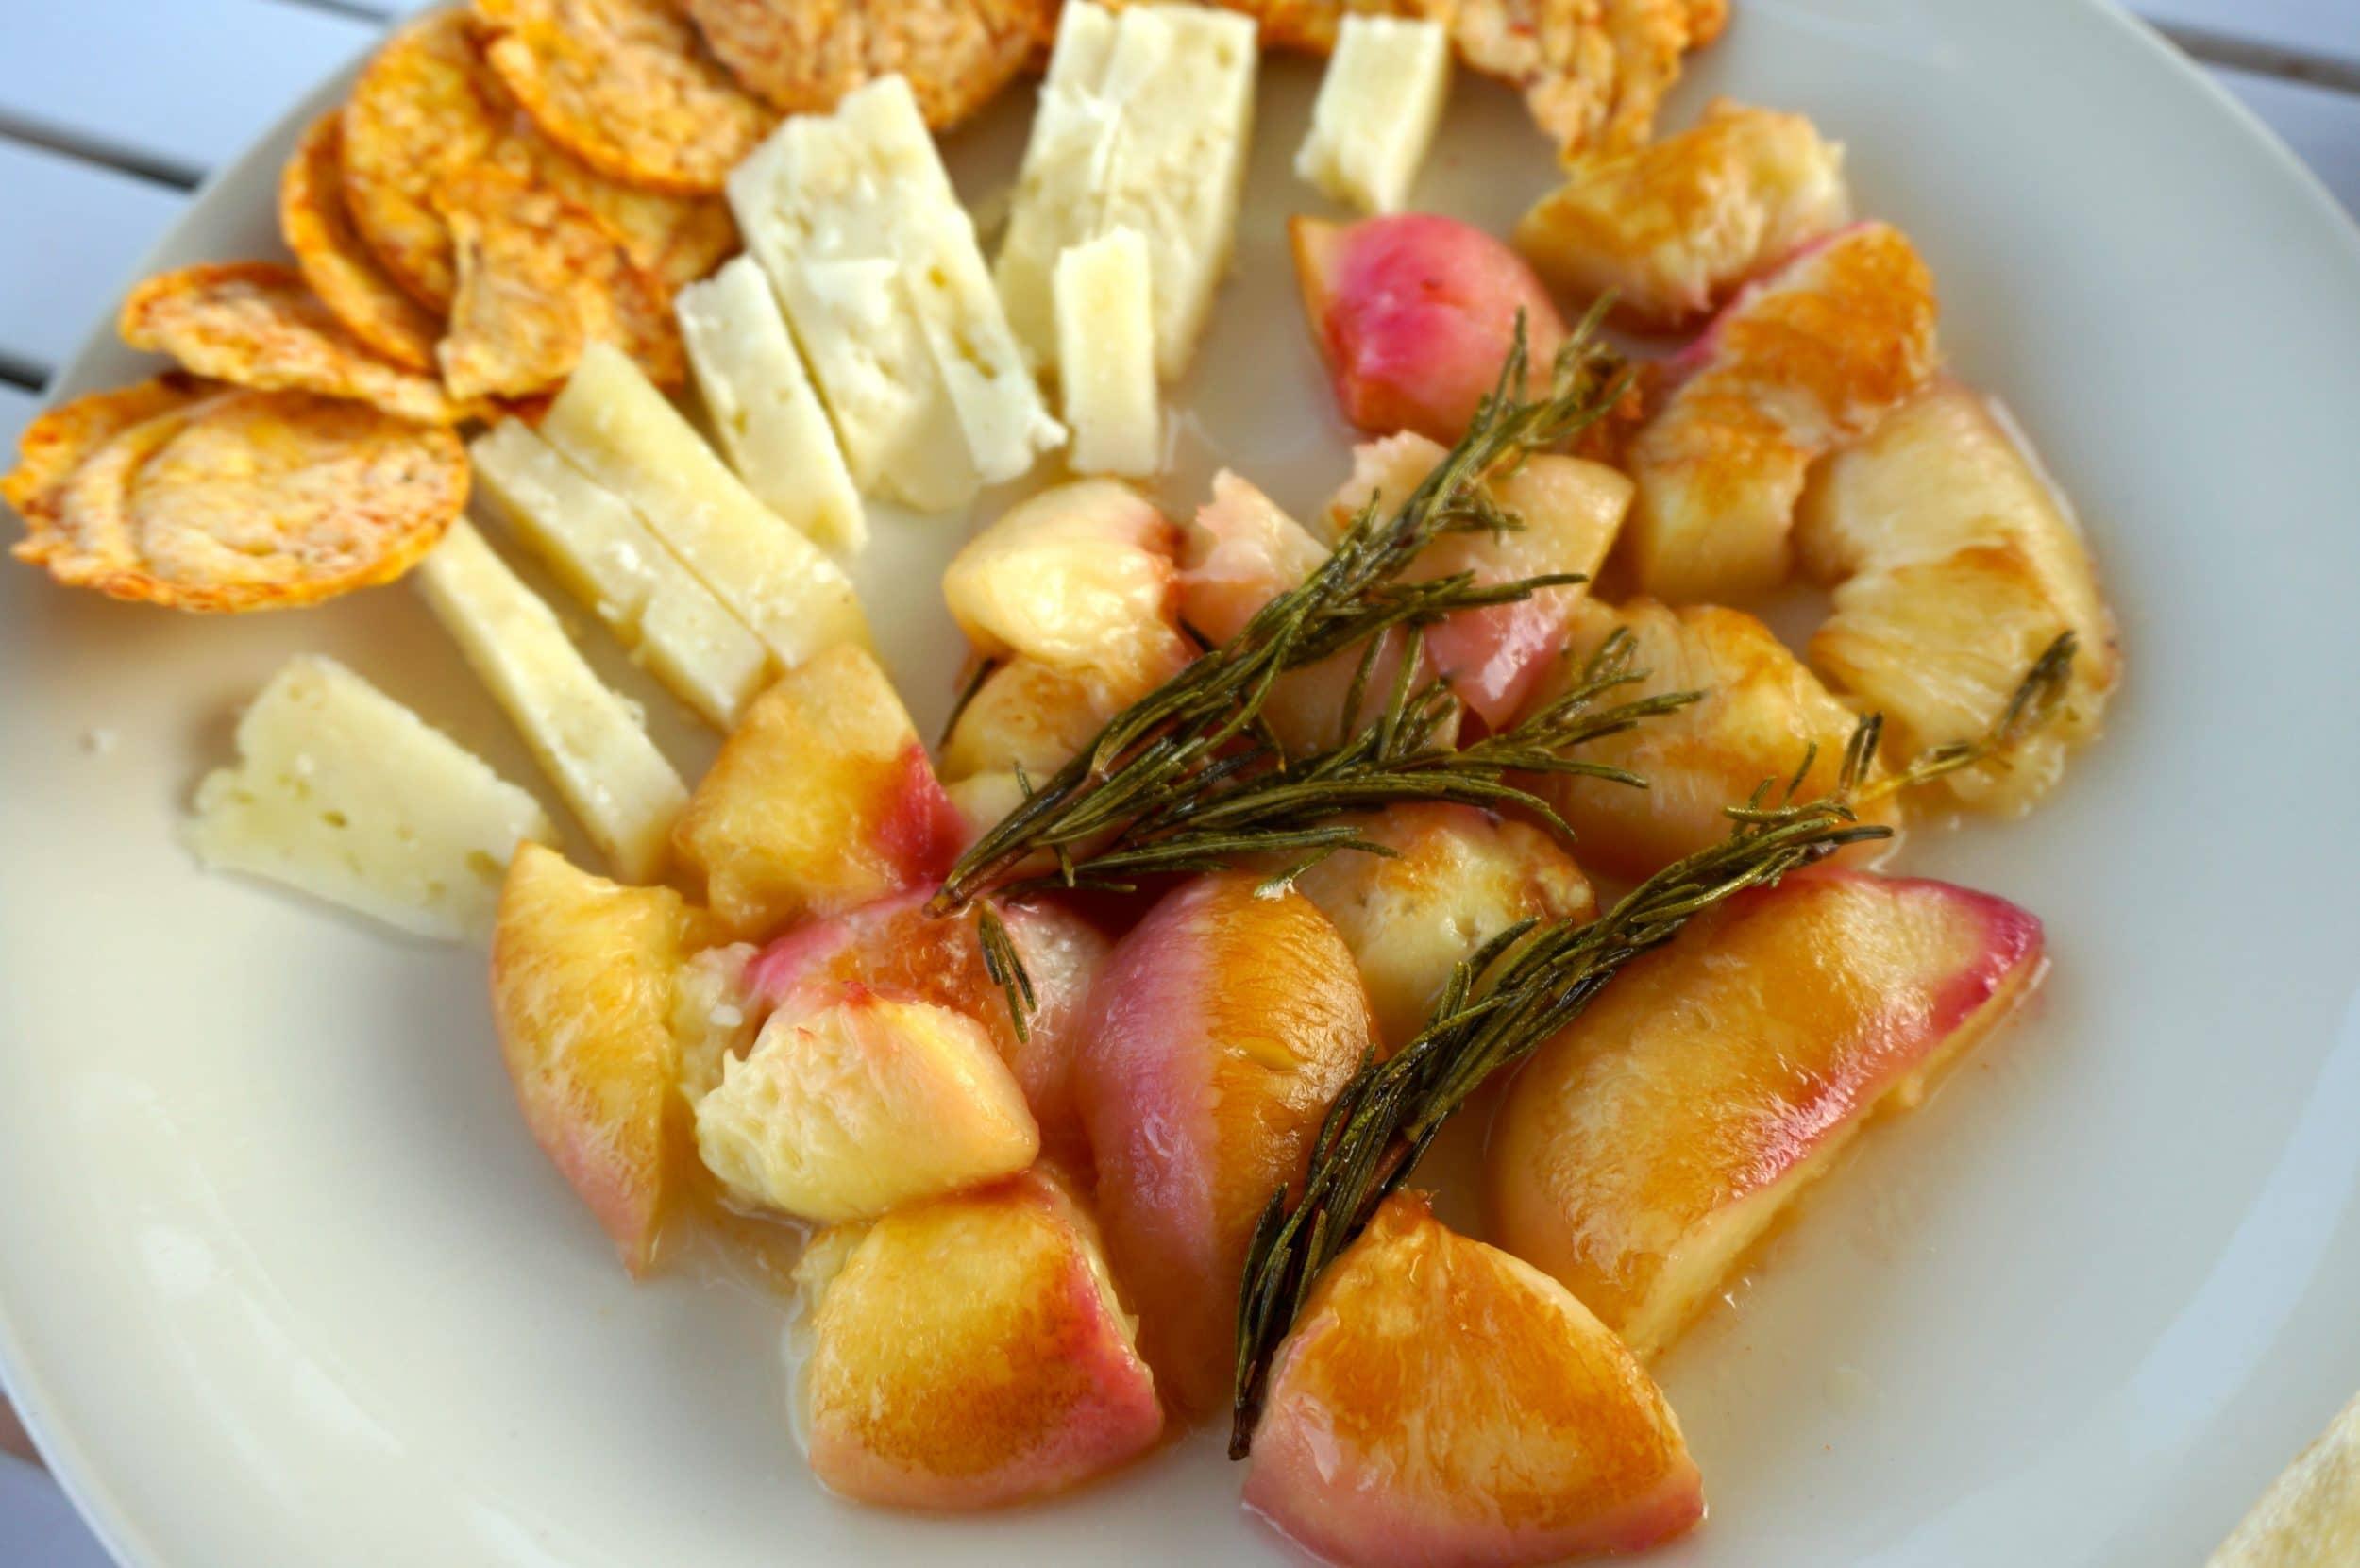 Pfirsich karamelisiert in Rosmarinbutter zu Pecorino Sardo - Toll!